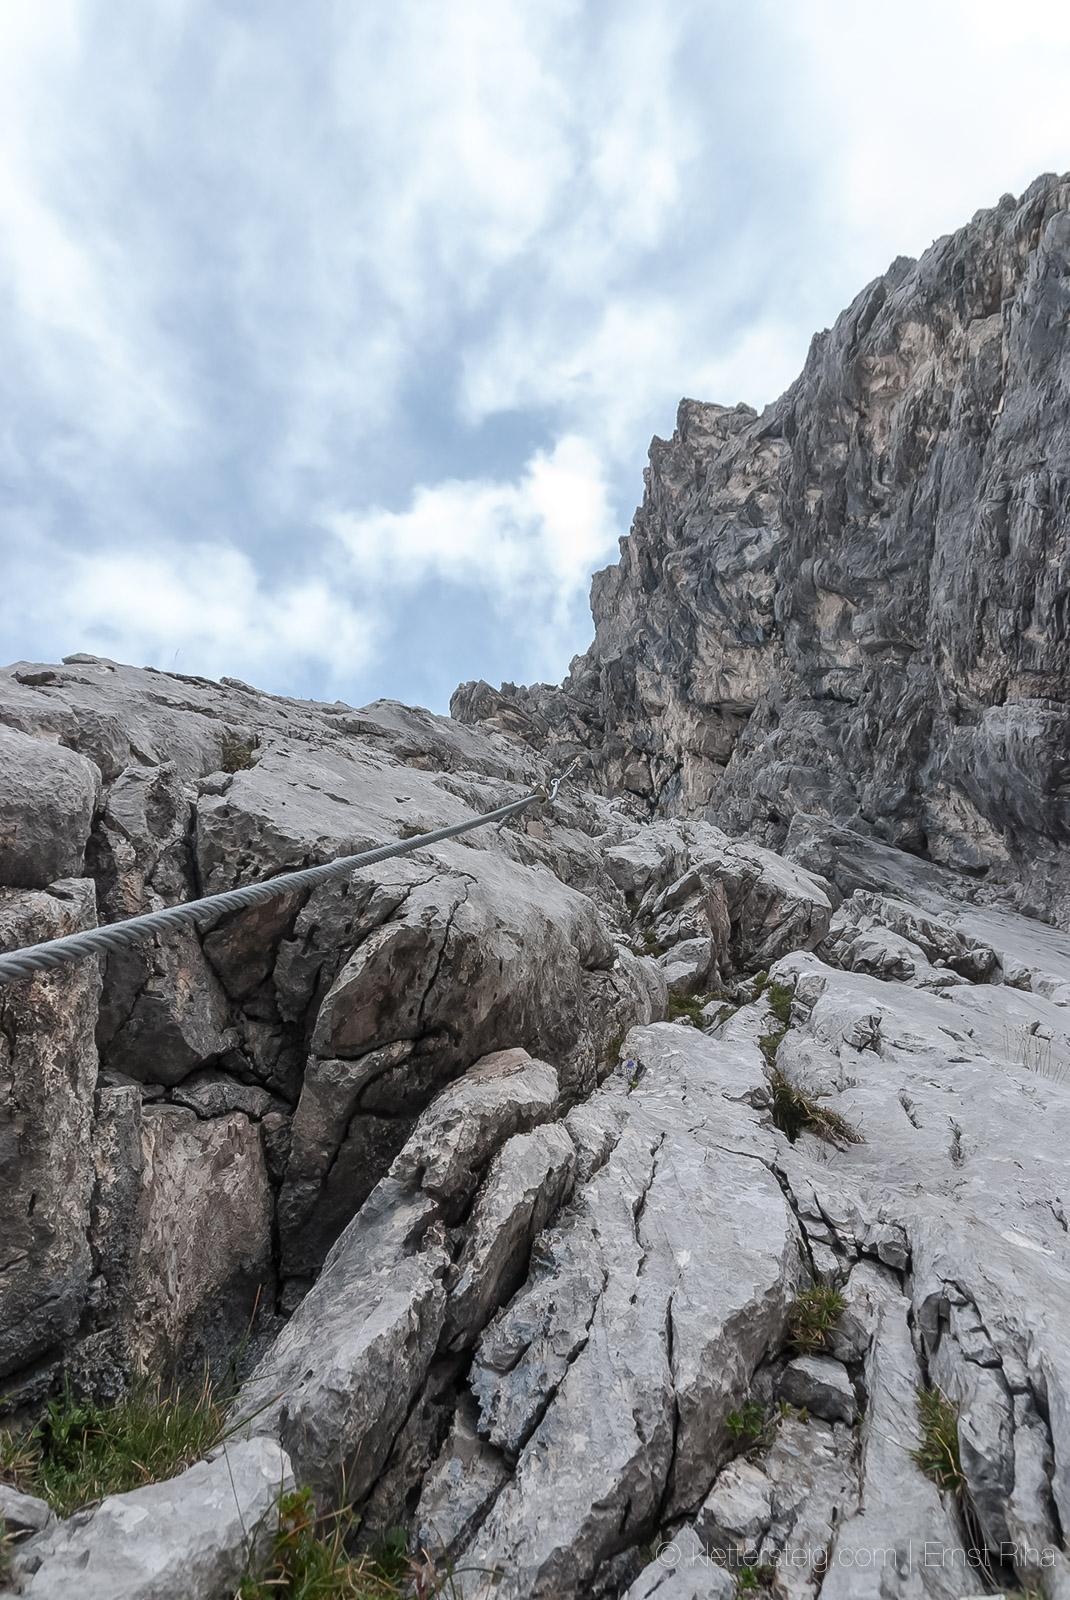 Adlerklettersteig, Karkopf 2469 m, Mieminger Kette